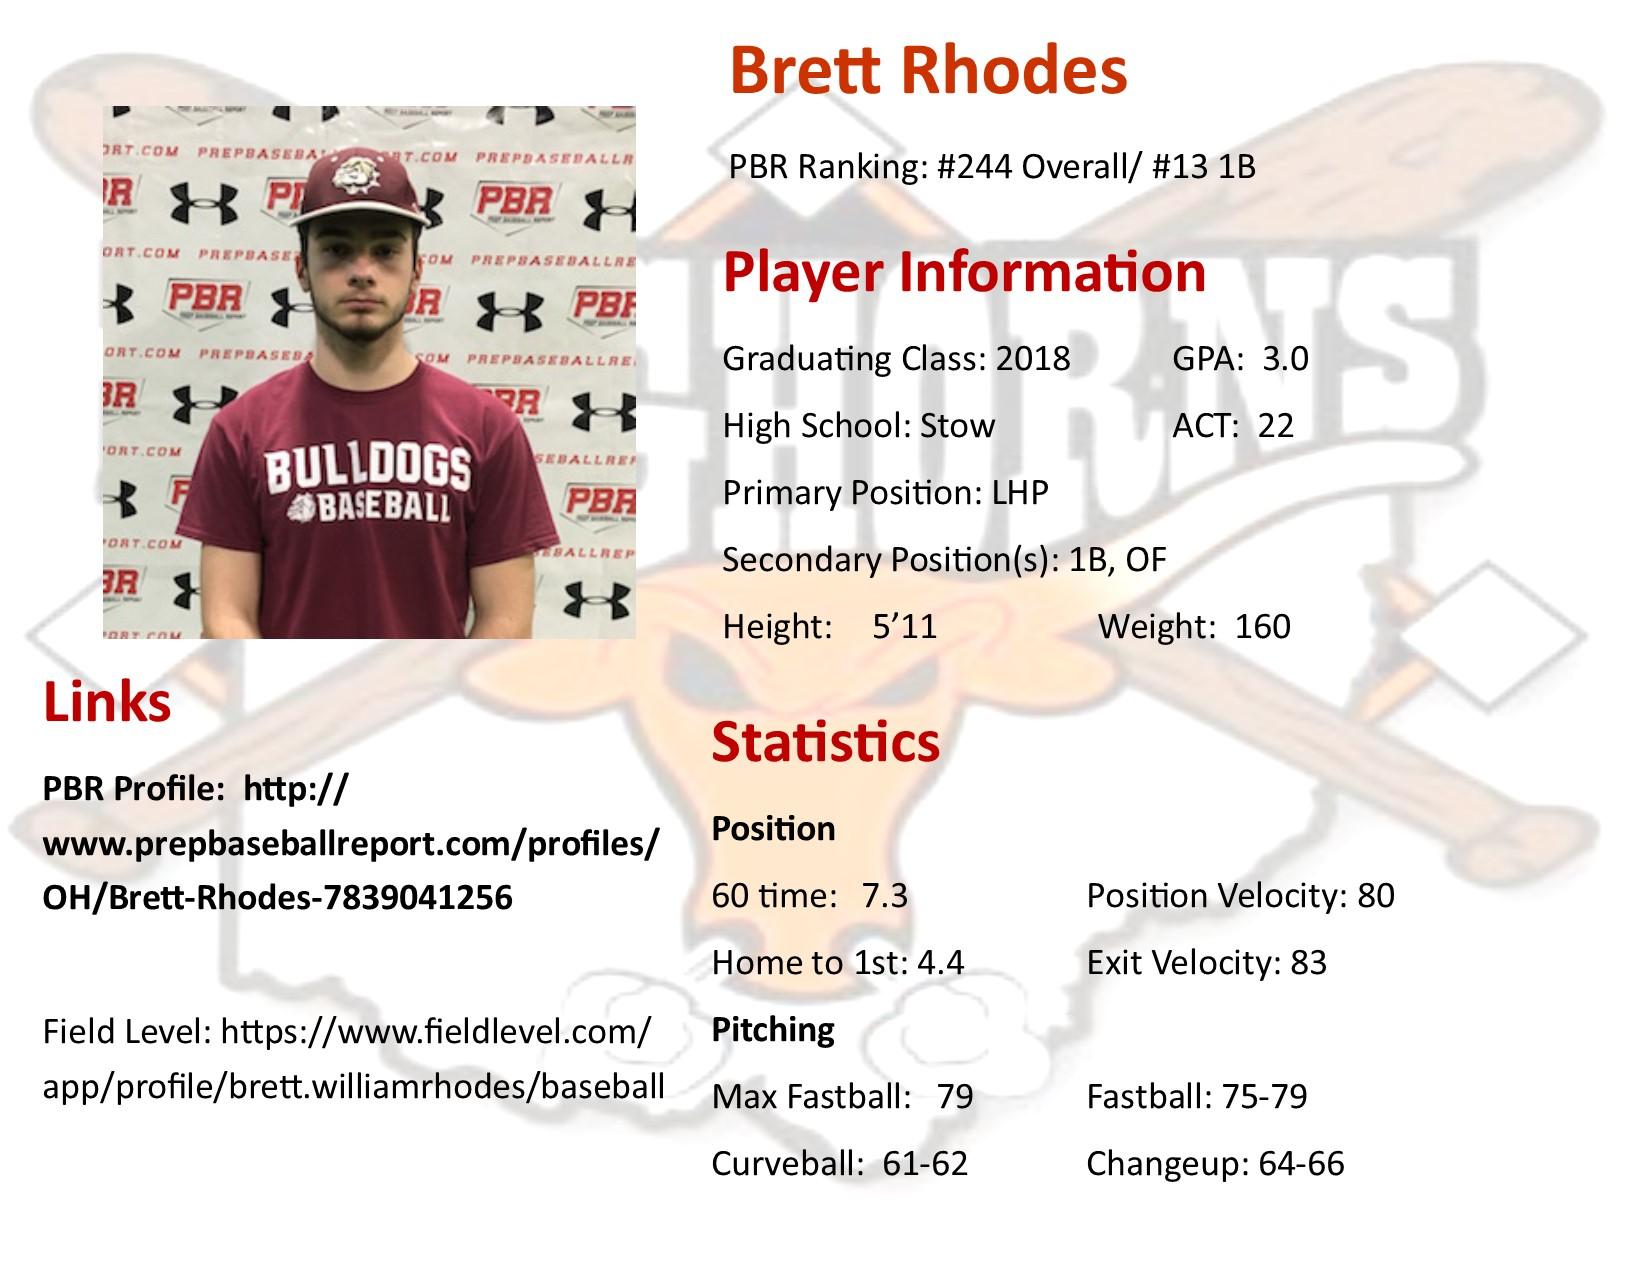 Brett Rhodes